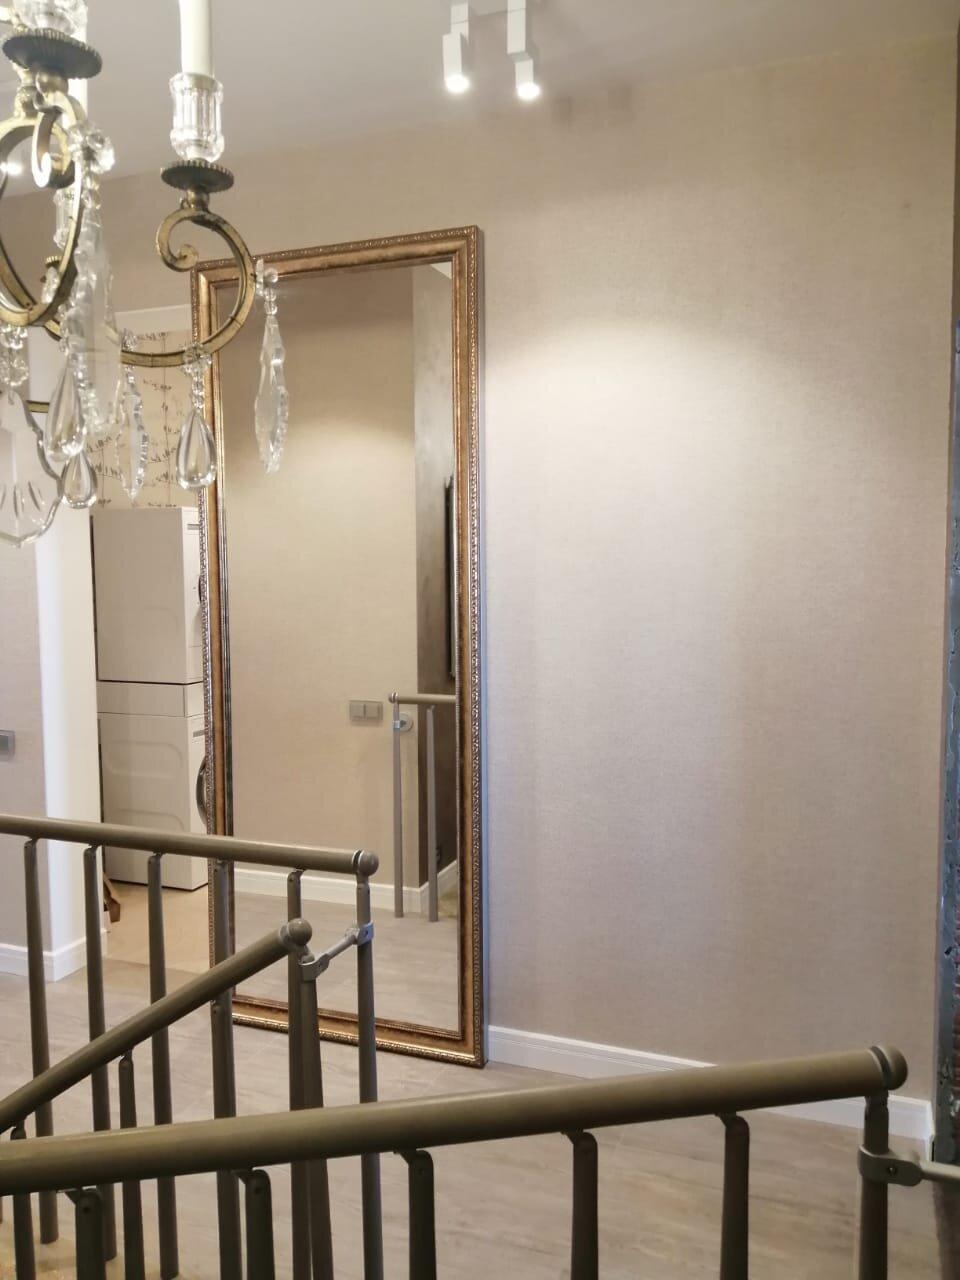 По периметру, со всех четырех сторон дверь имеет 2 мм алюминиевый кантик, который защищает дверь от сколов и повреждений.